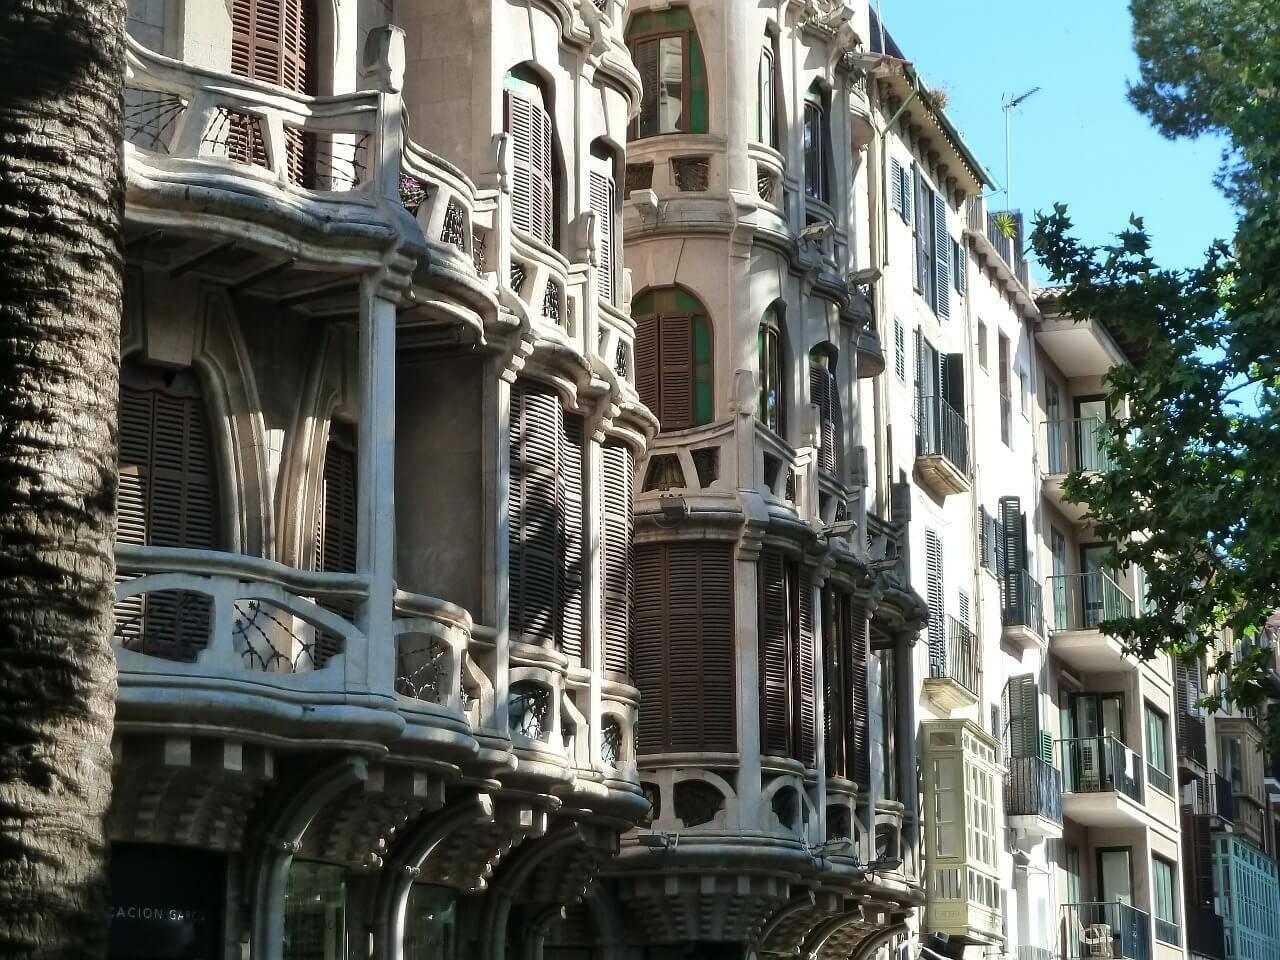 Palma de Mallorca modernista